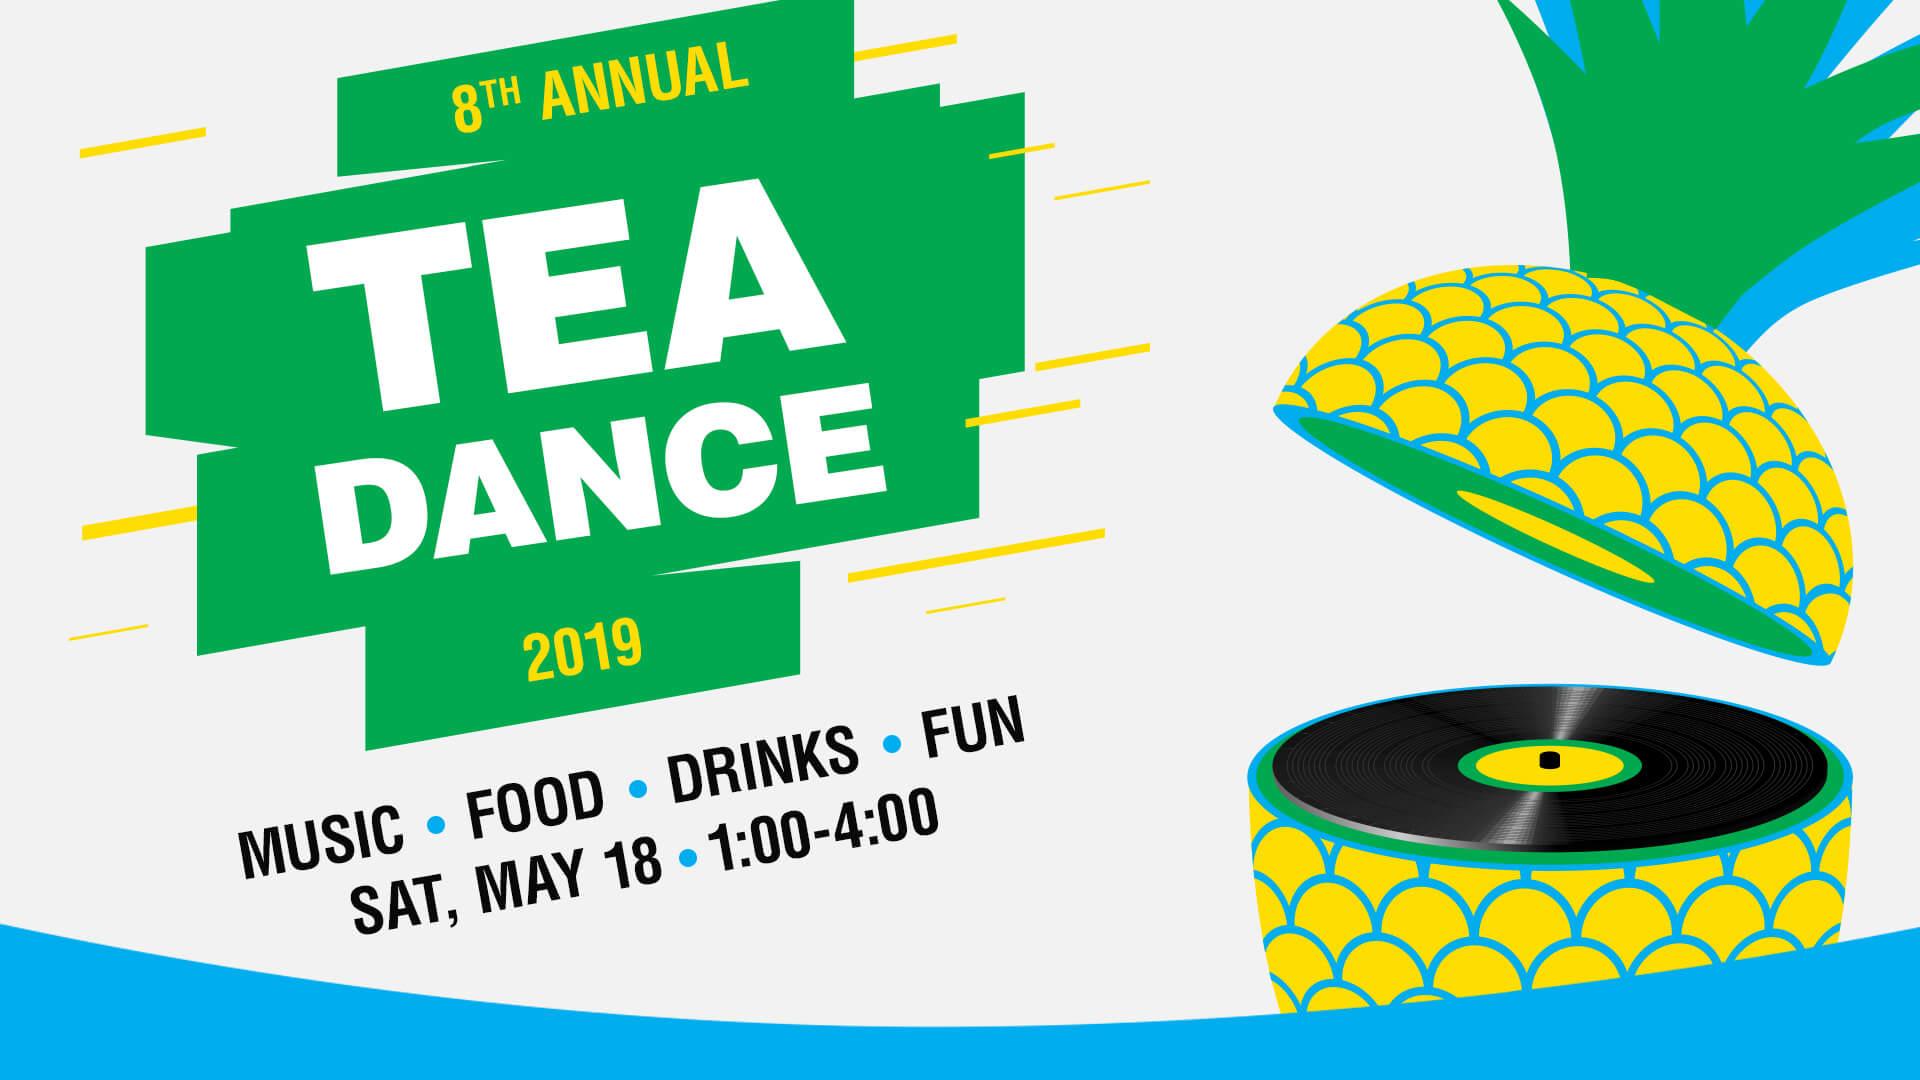 8th Annual Tea Dance